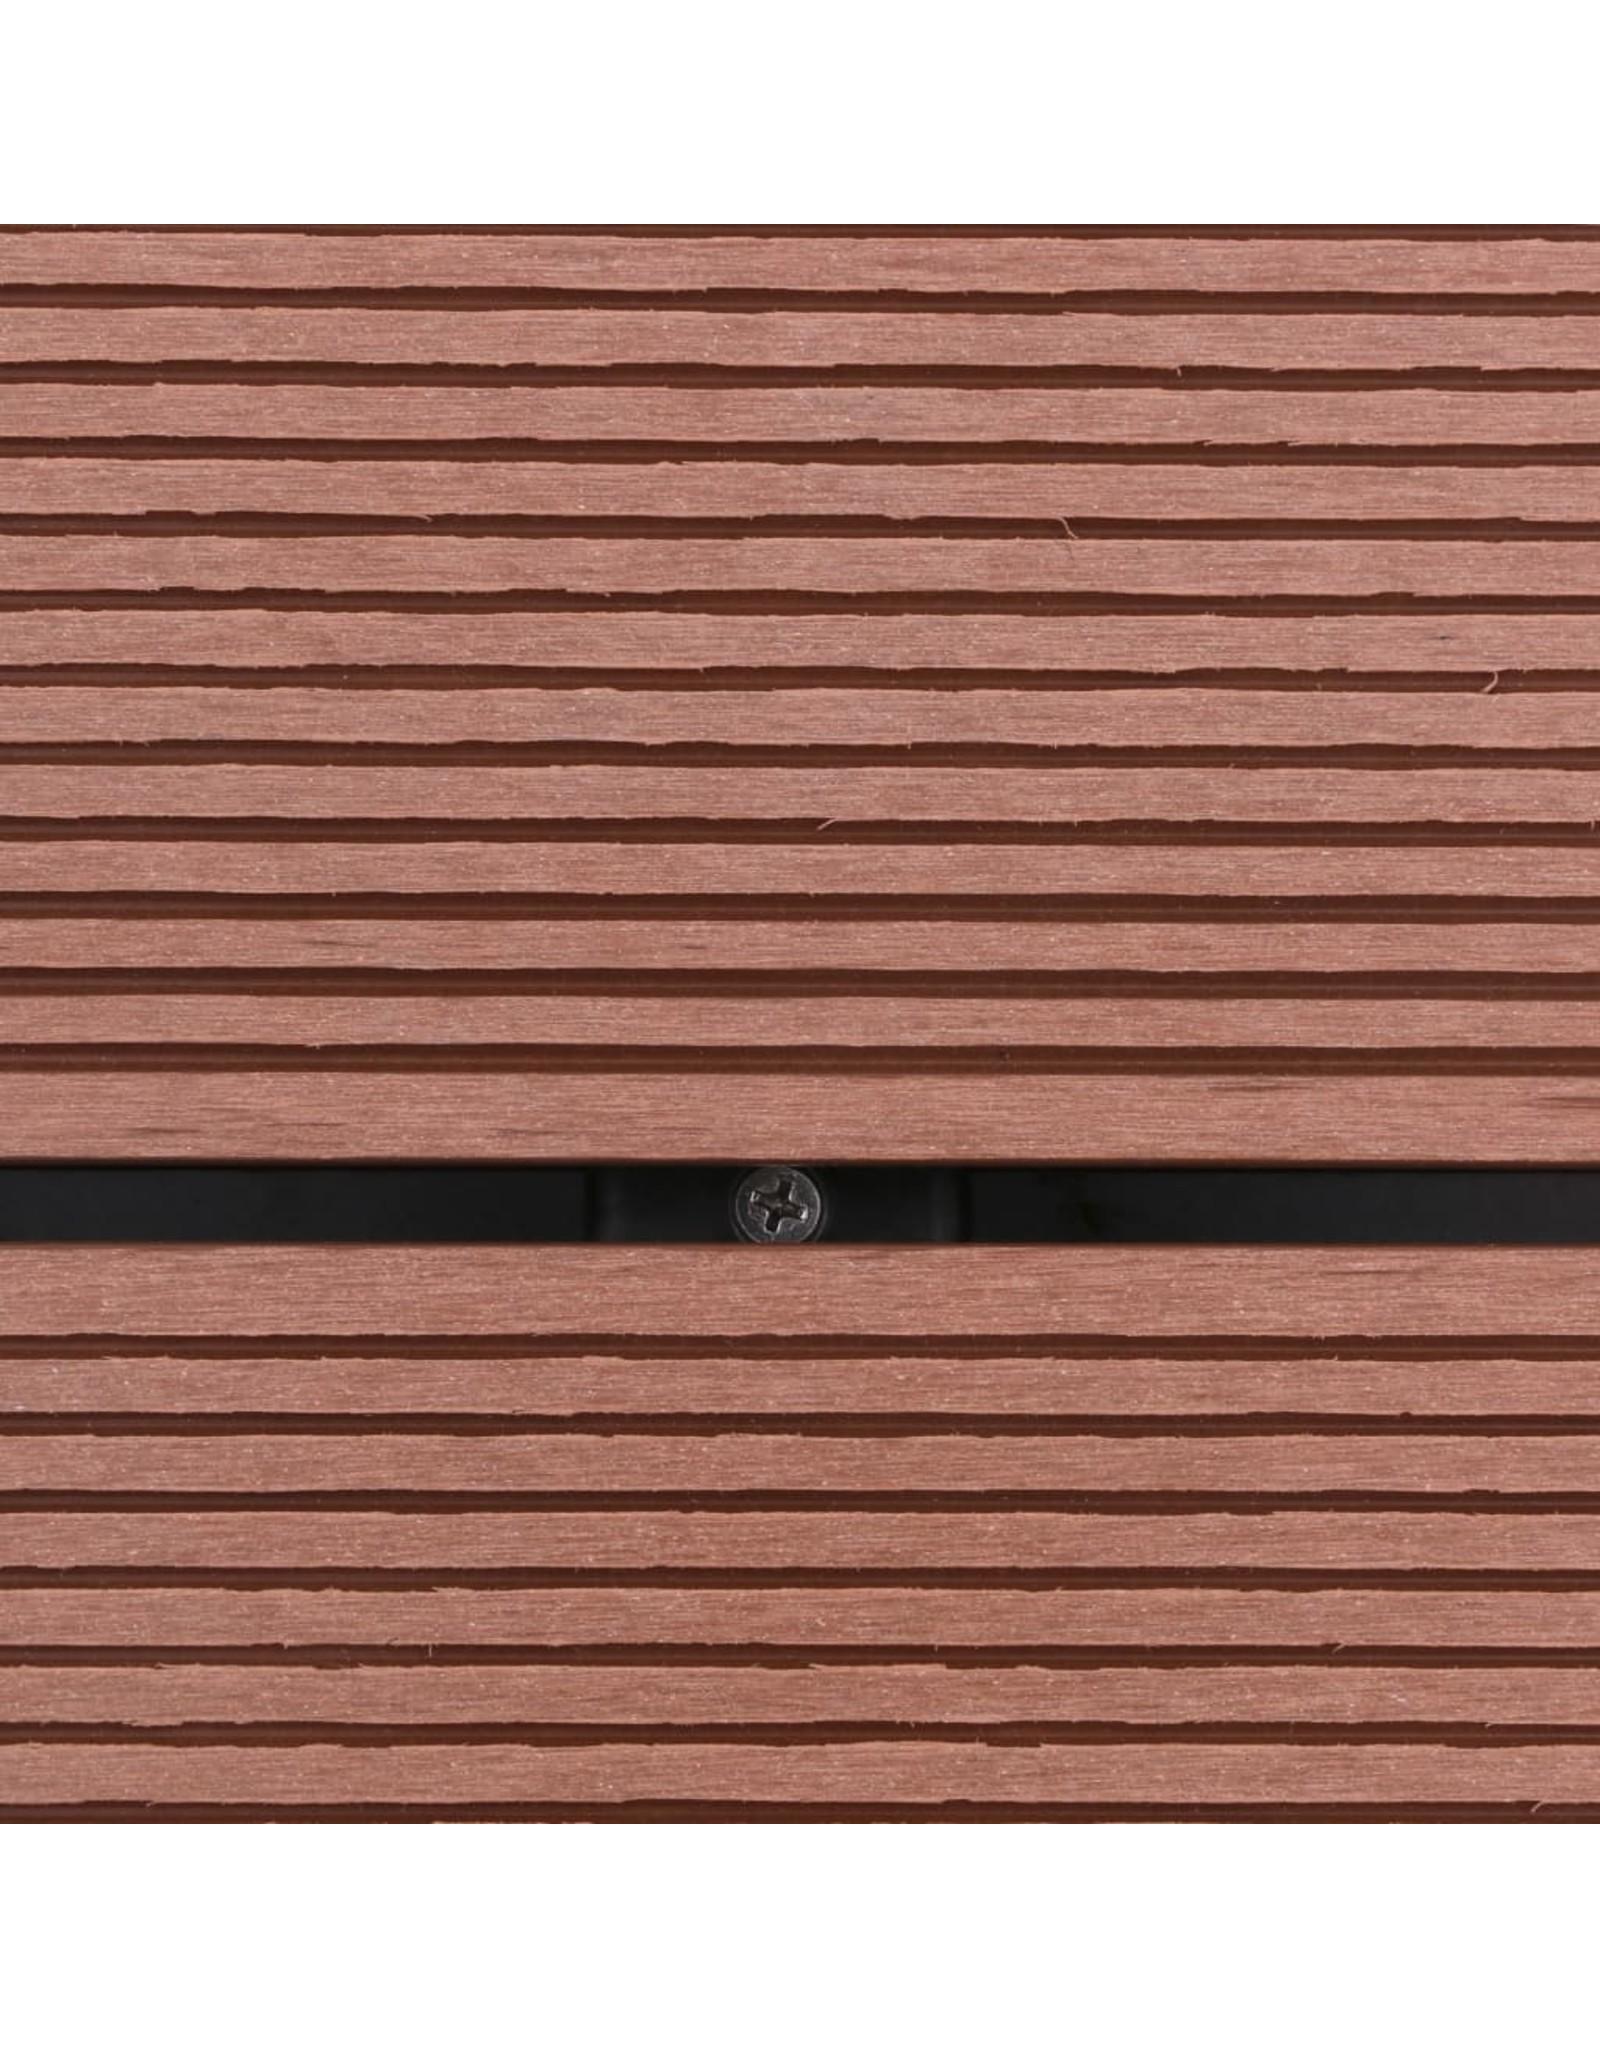 Buitendouchebak 80x62 cm HKC roestvrij staal bruin